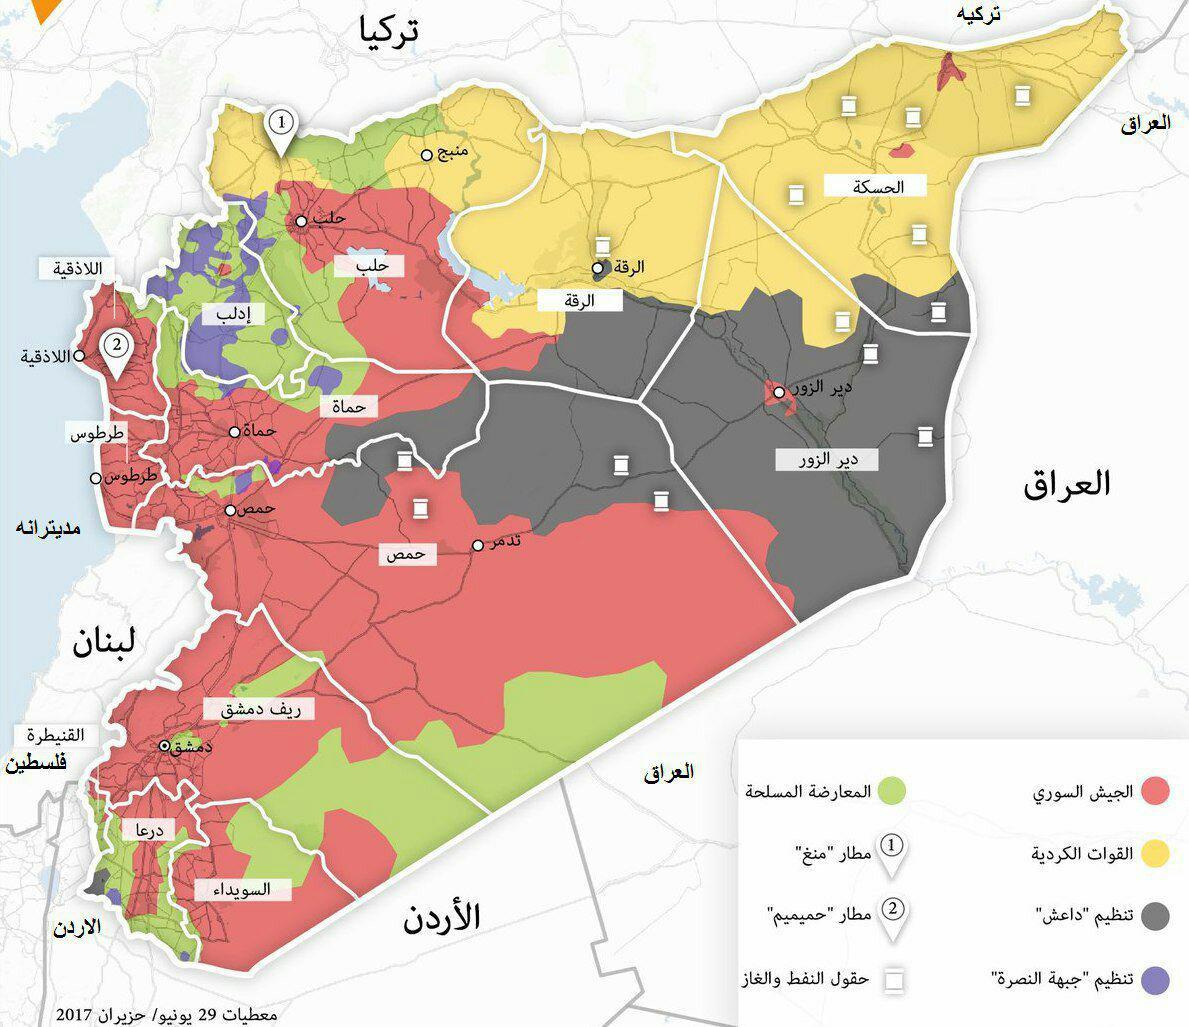 چند درصد از خاک سوریه در کنترل ارتش سوریه و حزبالله است؟ + تقشه و جزییات